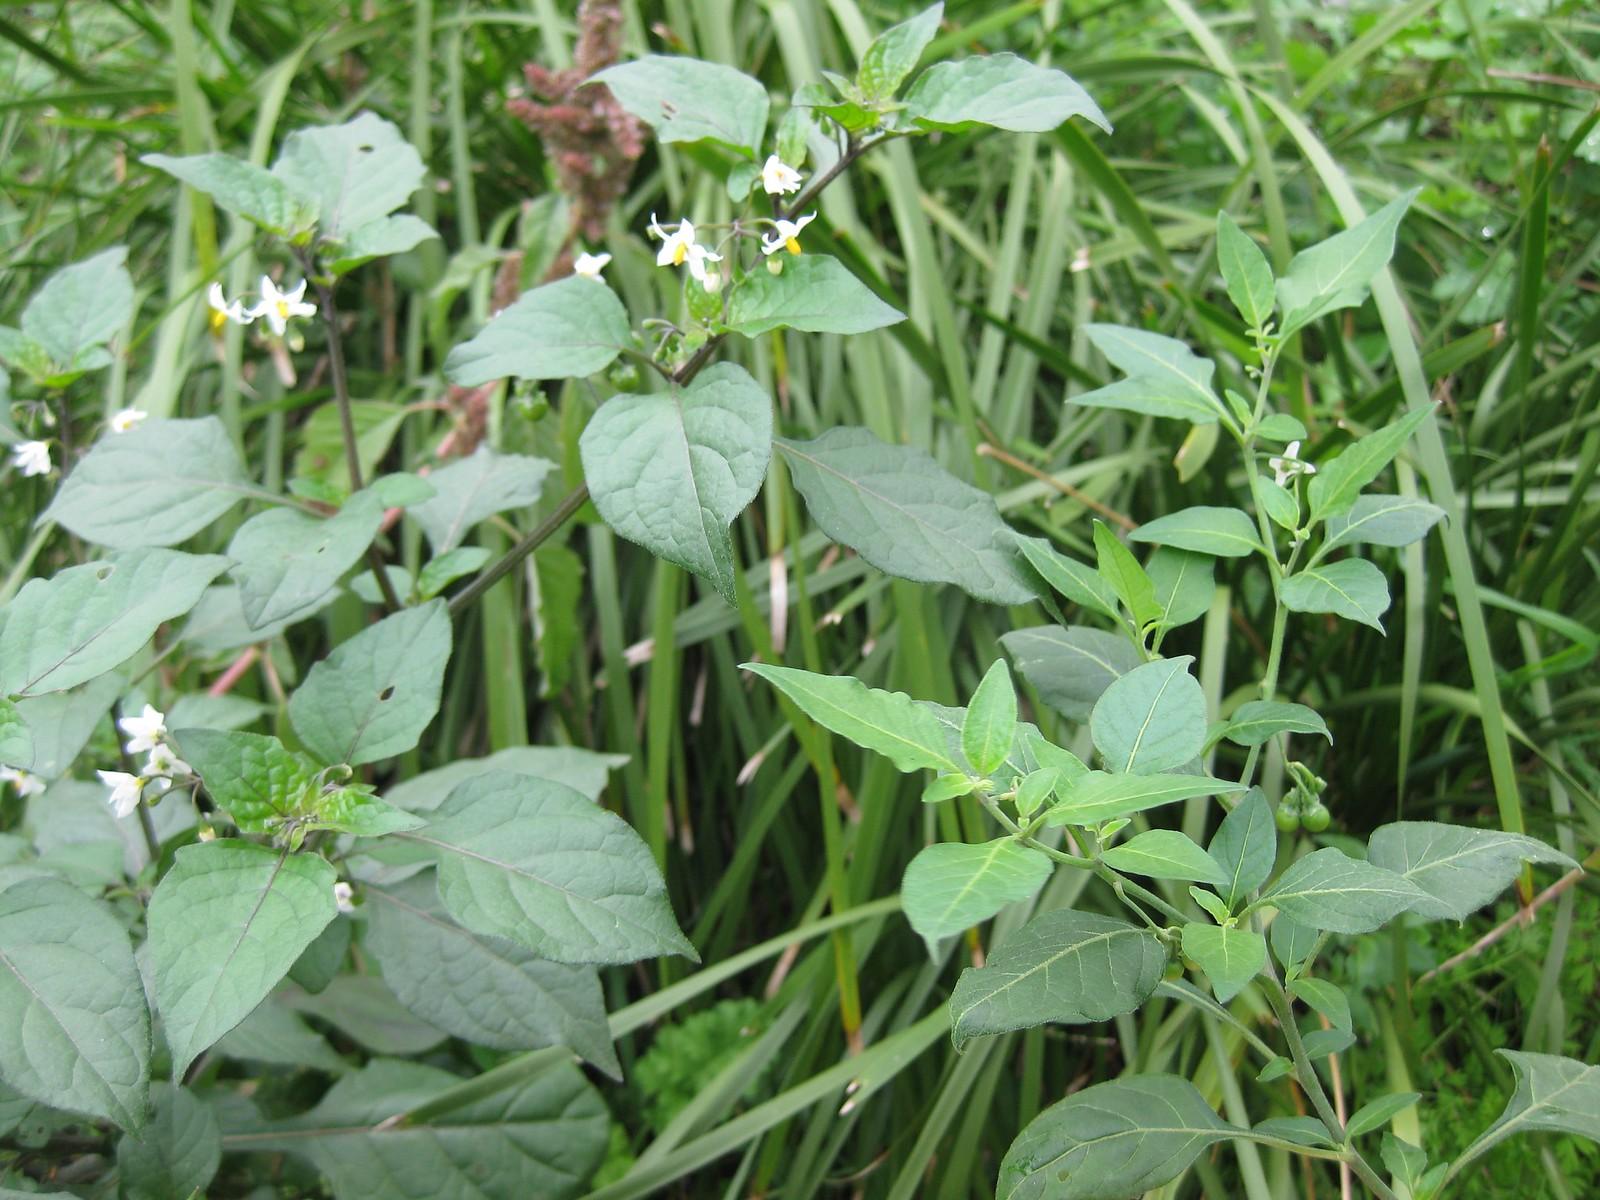 Solanum nigrum (left) and Solanum chenopoides (right)